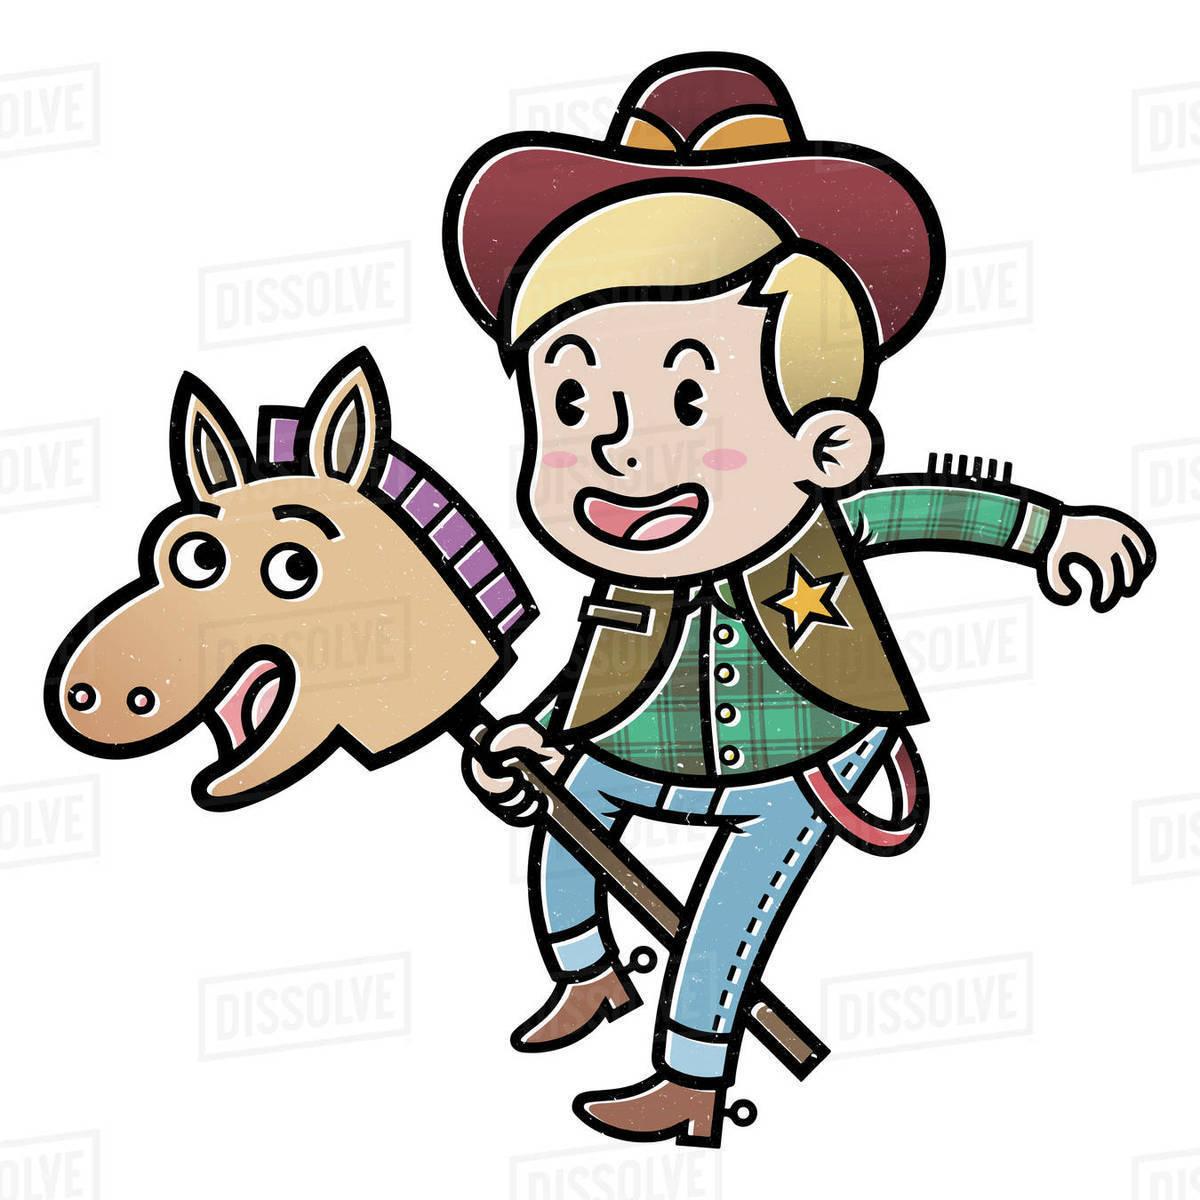 Cartoon illustration of cowboy sheriff with hobby horse isolated on white background Royalty-free stock photo